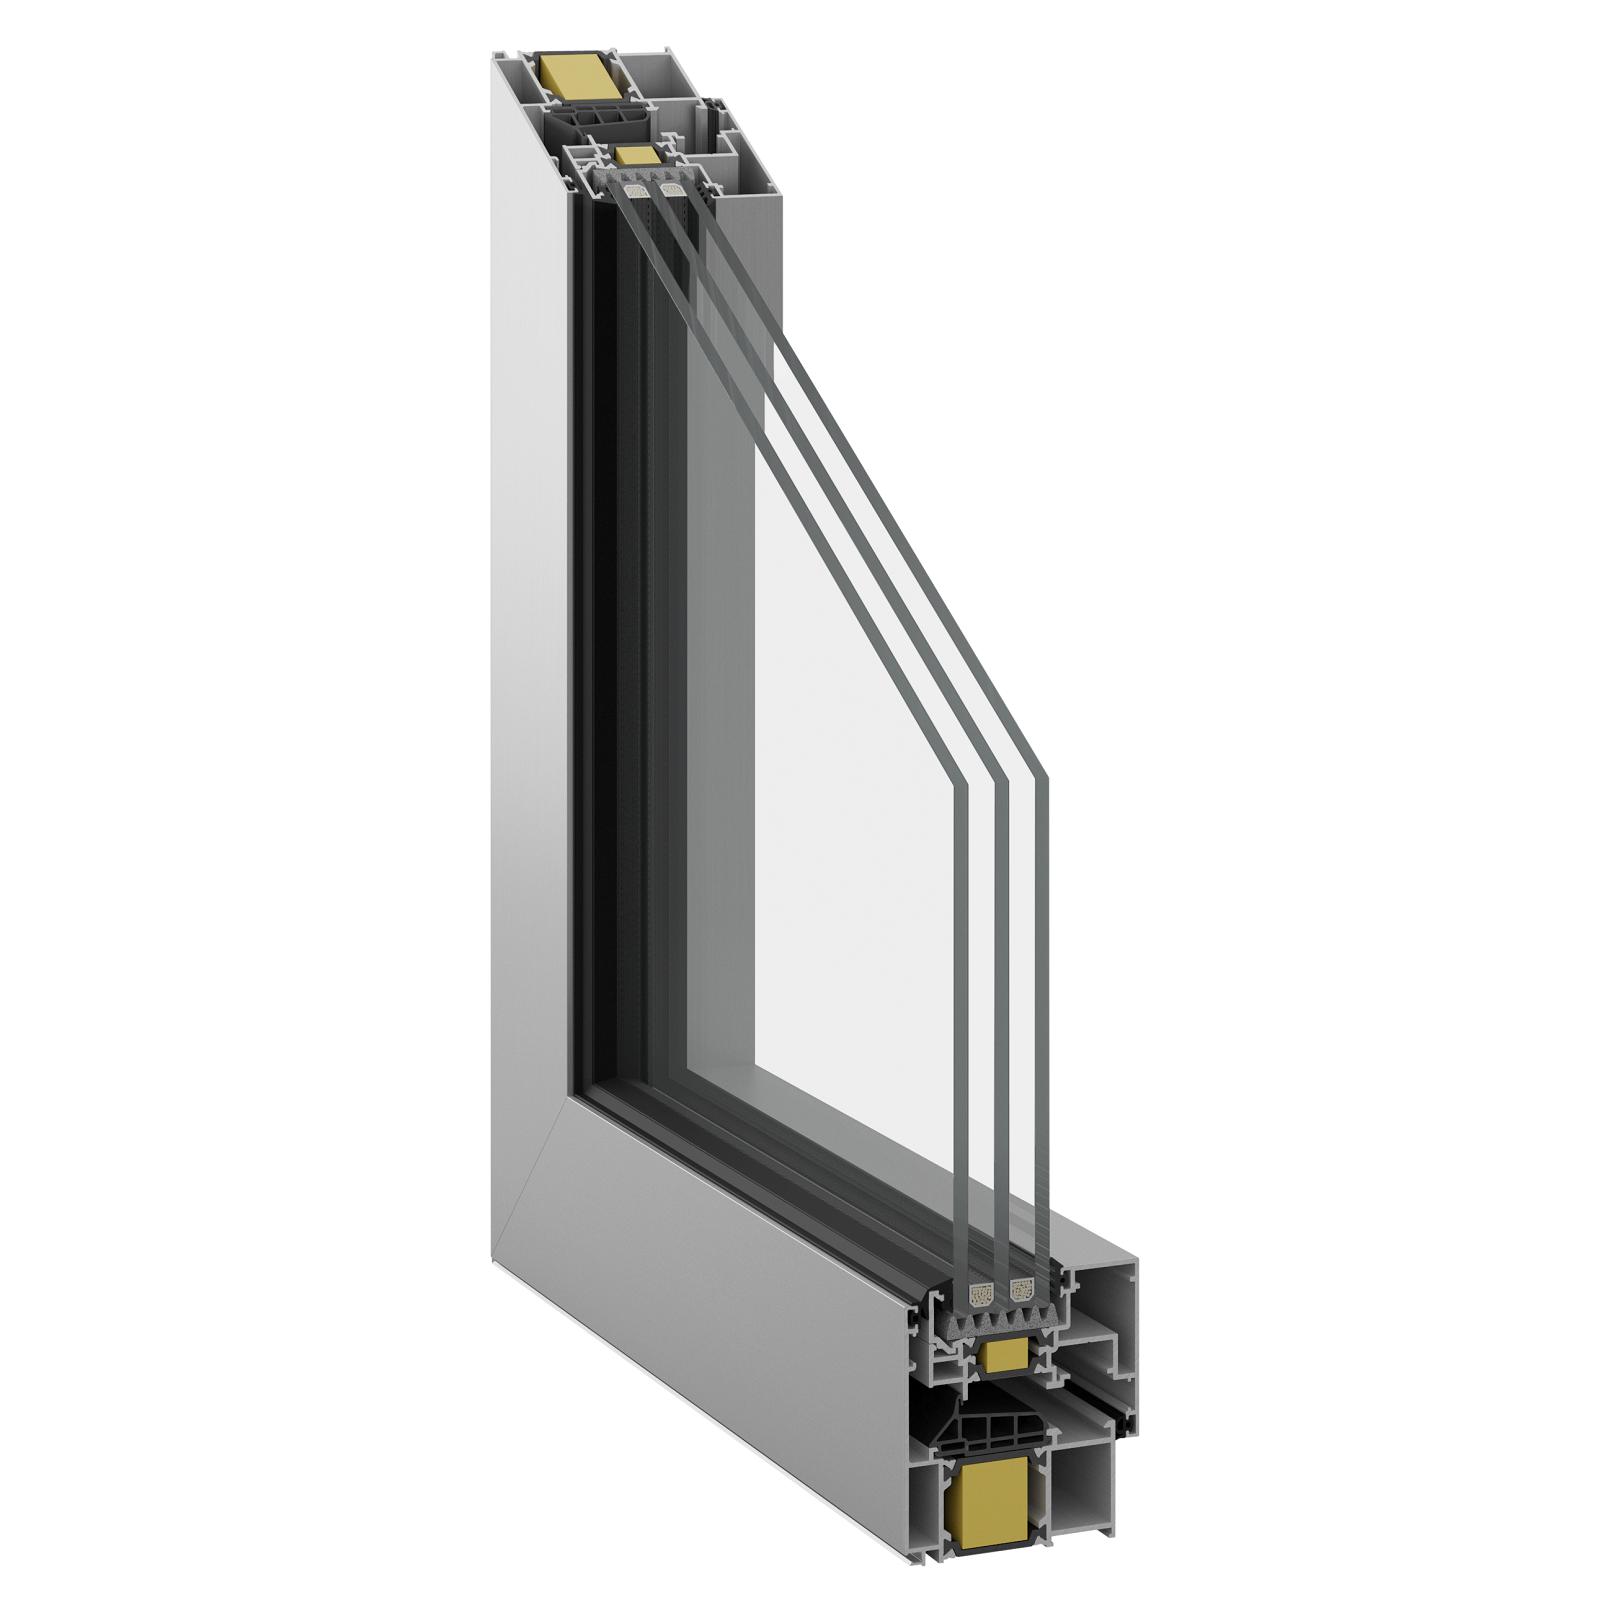 Inoform F70 Super Smart with invisible sash profile